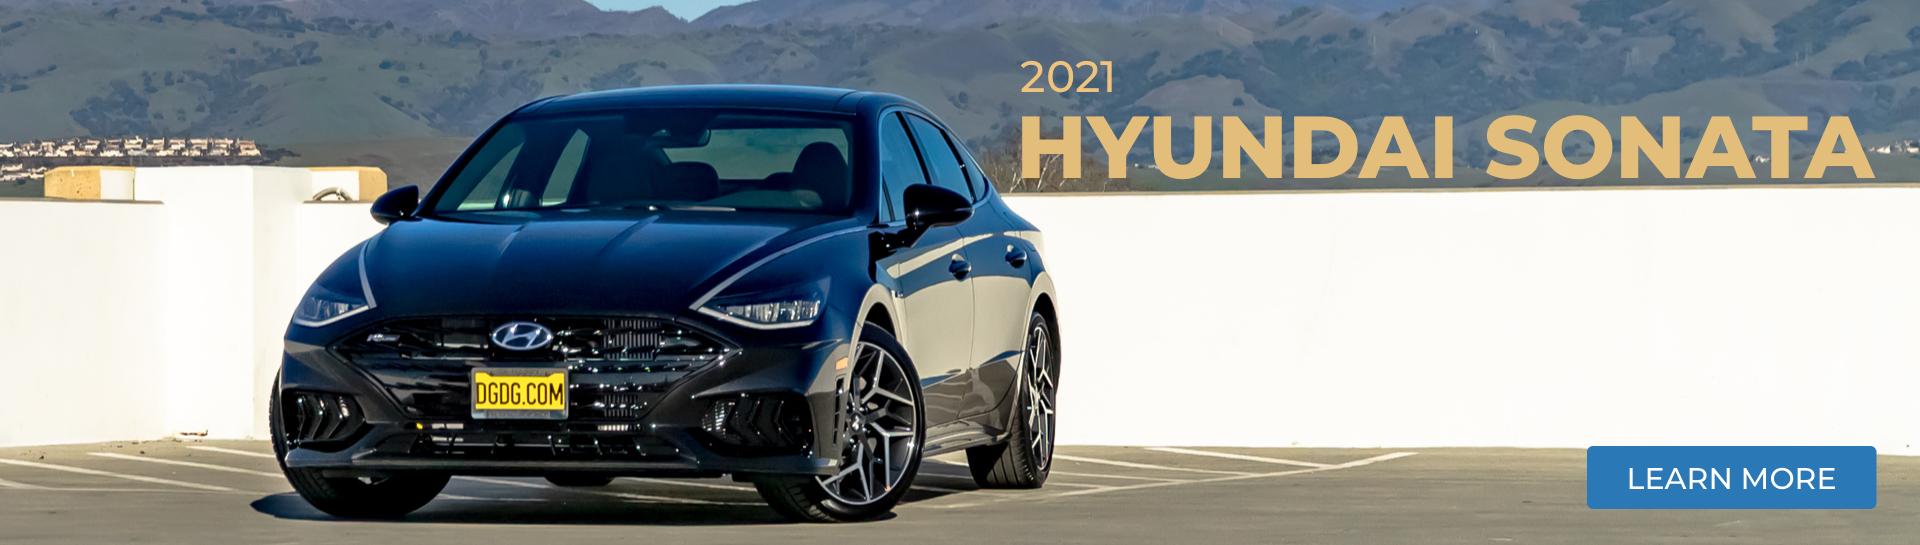 2021 Hyundai Sonata Updated